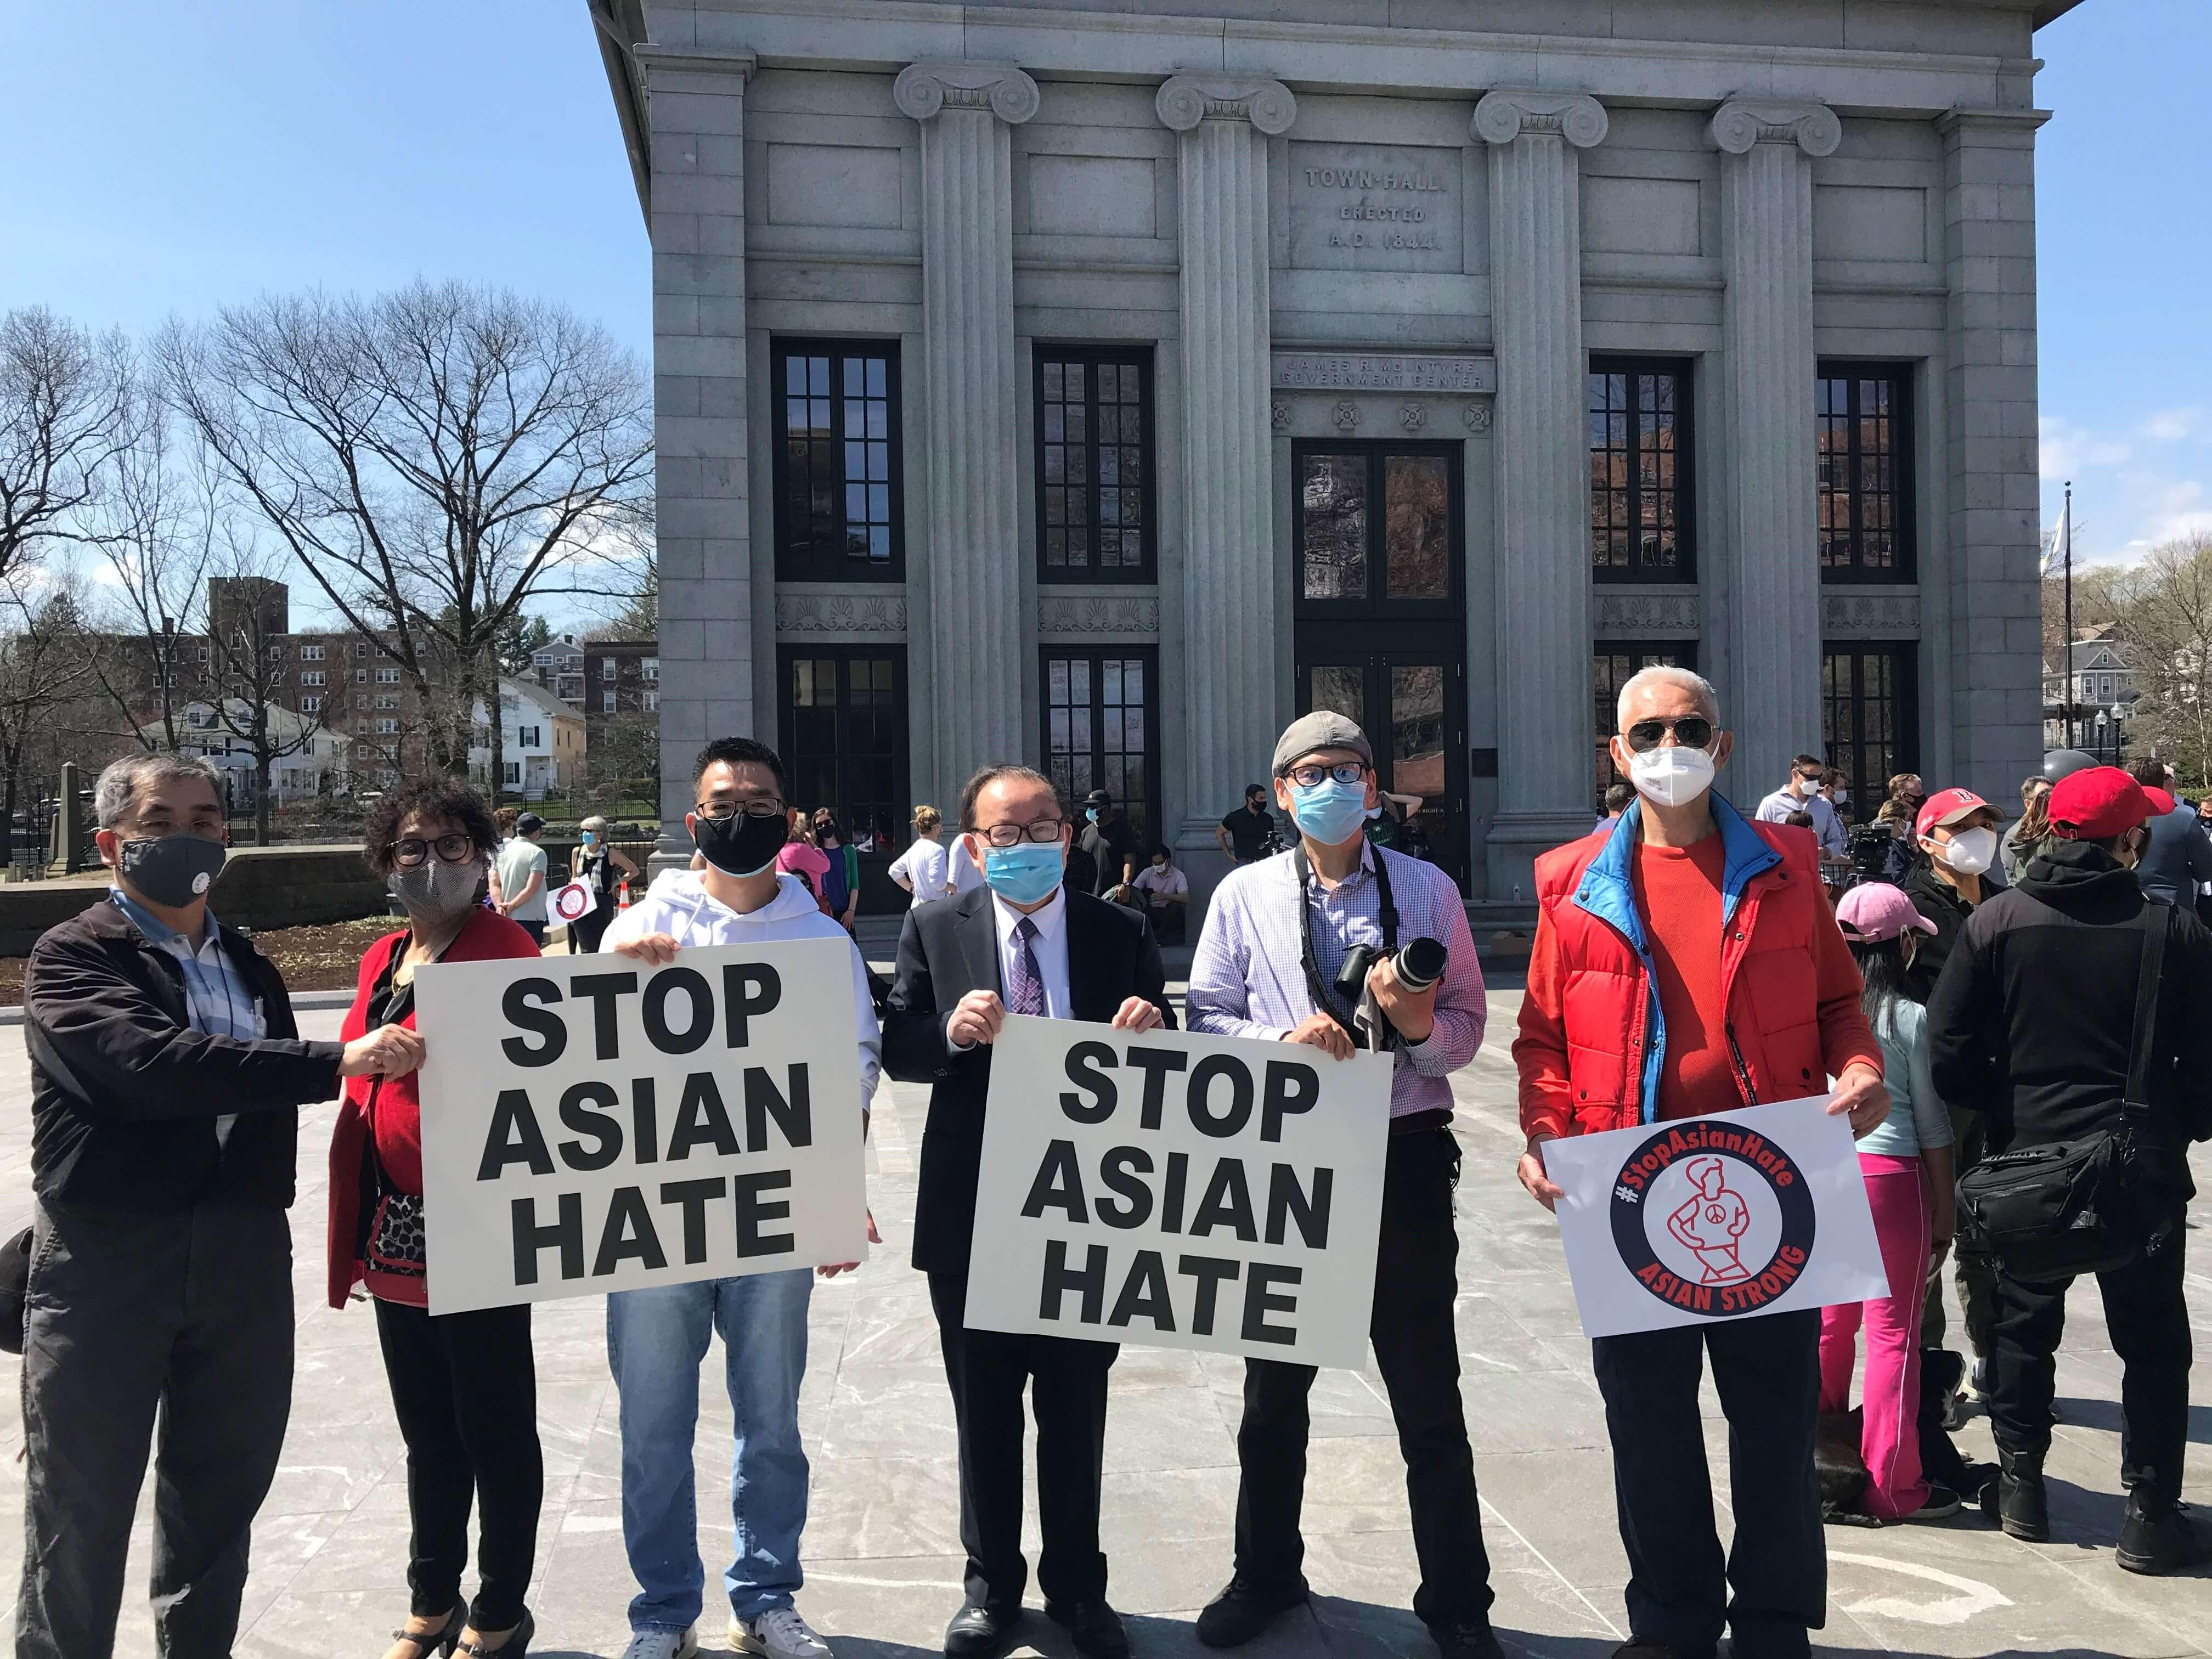 大学沙龙针对亚裔的仇恨犯罪将专题讲座 美国联邦调查局23年的数据告诉我们什么?